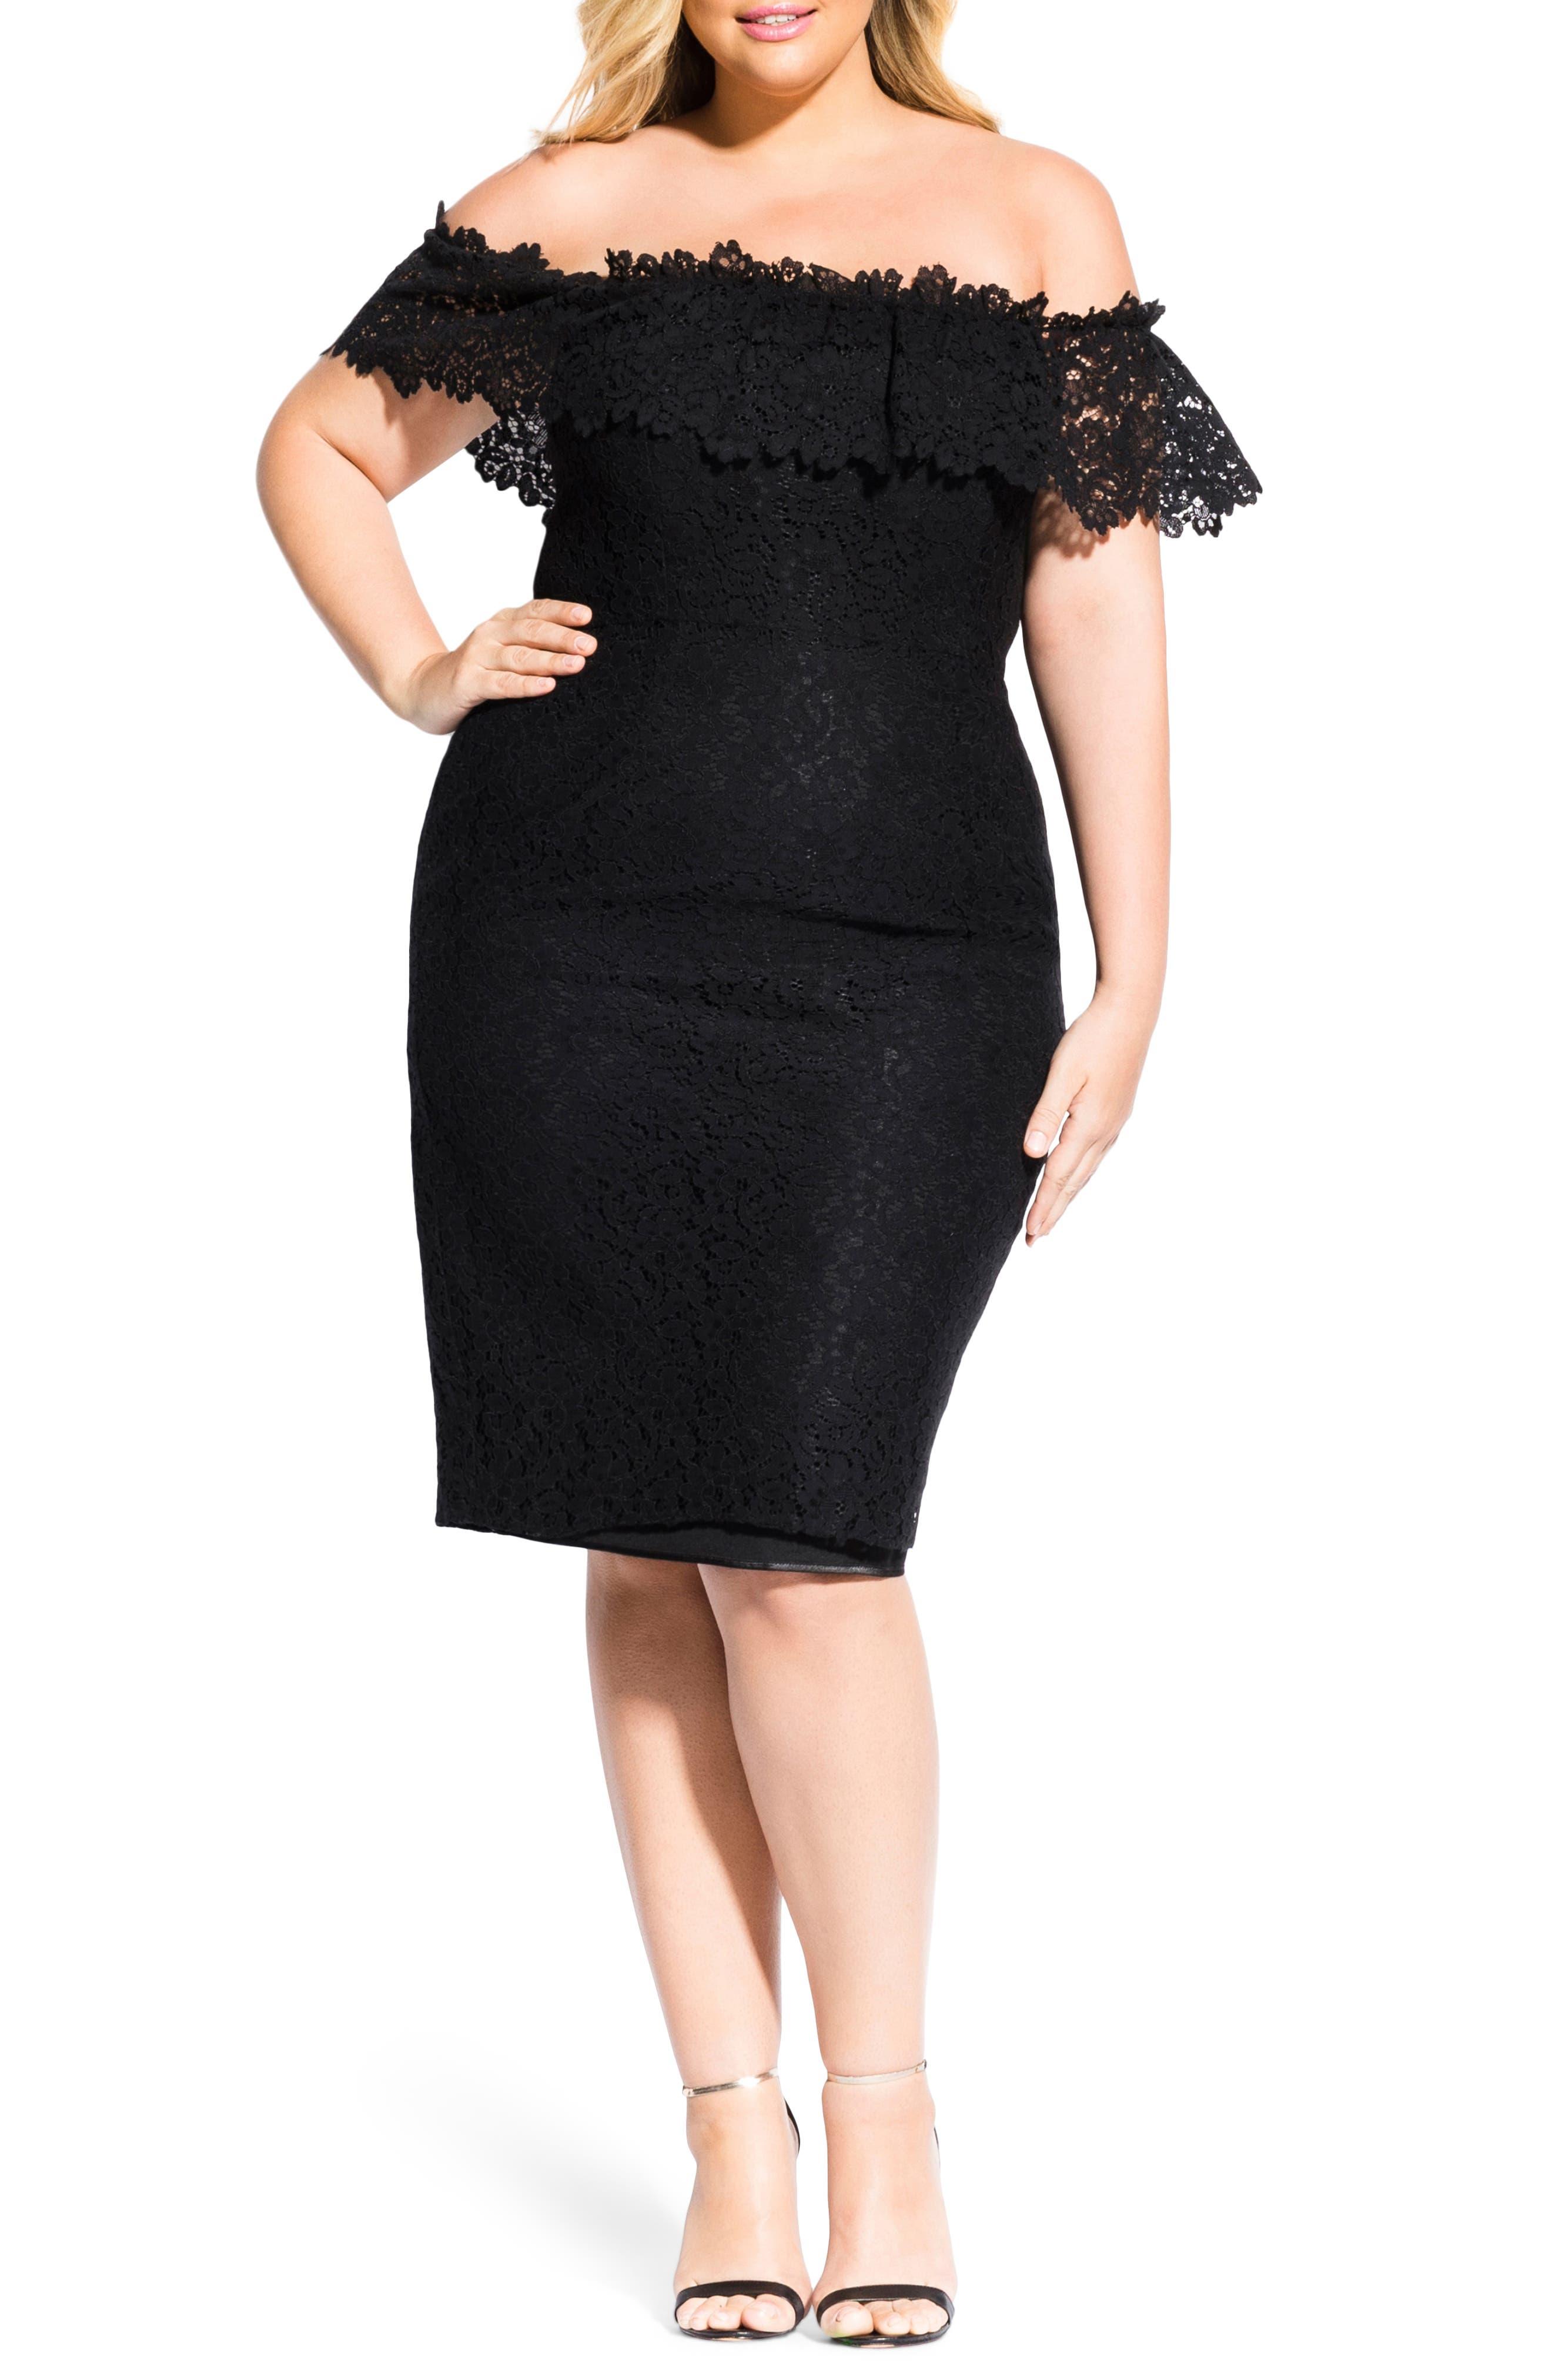 Plus Size City Chic Lace Flourish Off The Shoulder Dress, Black